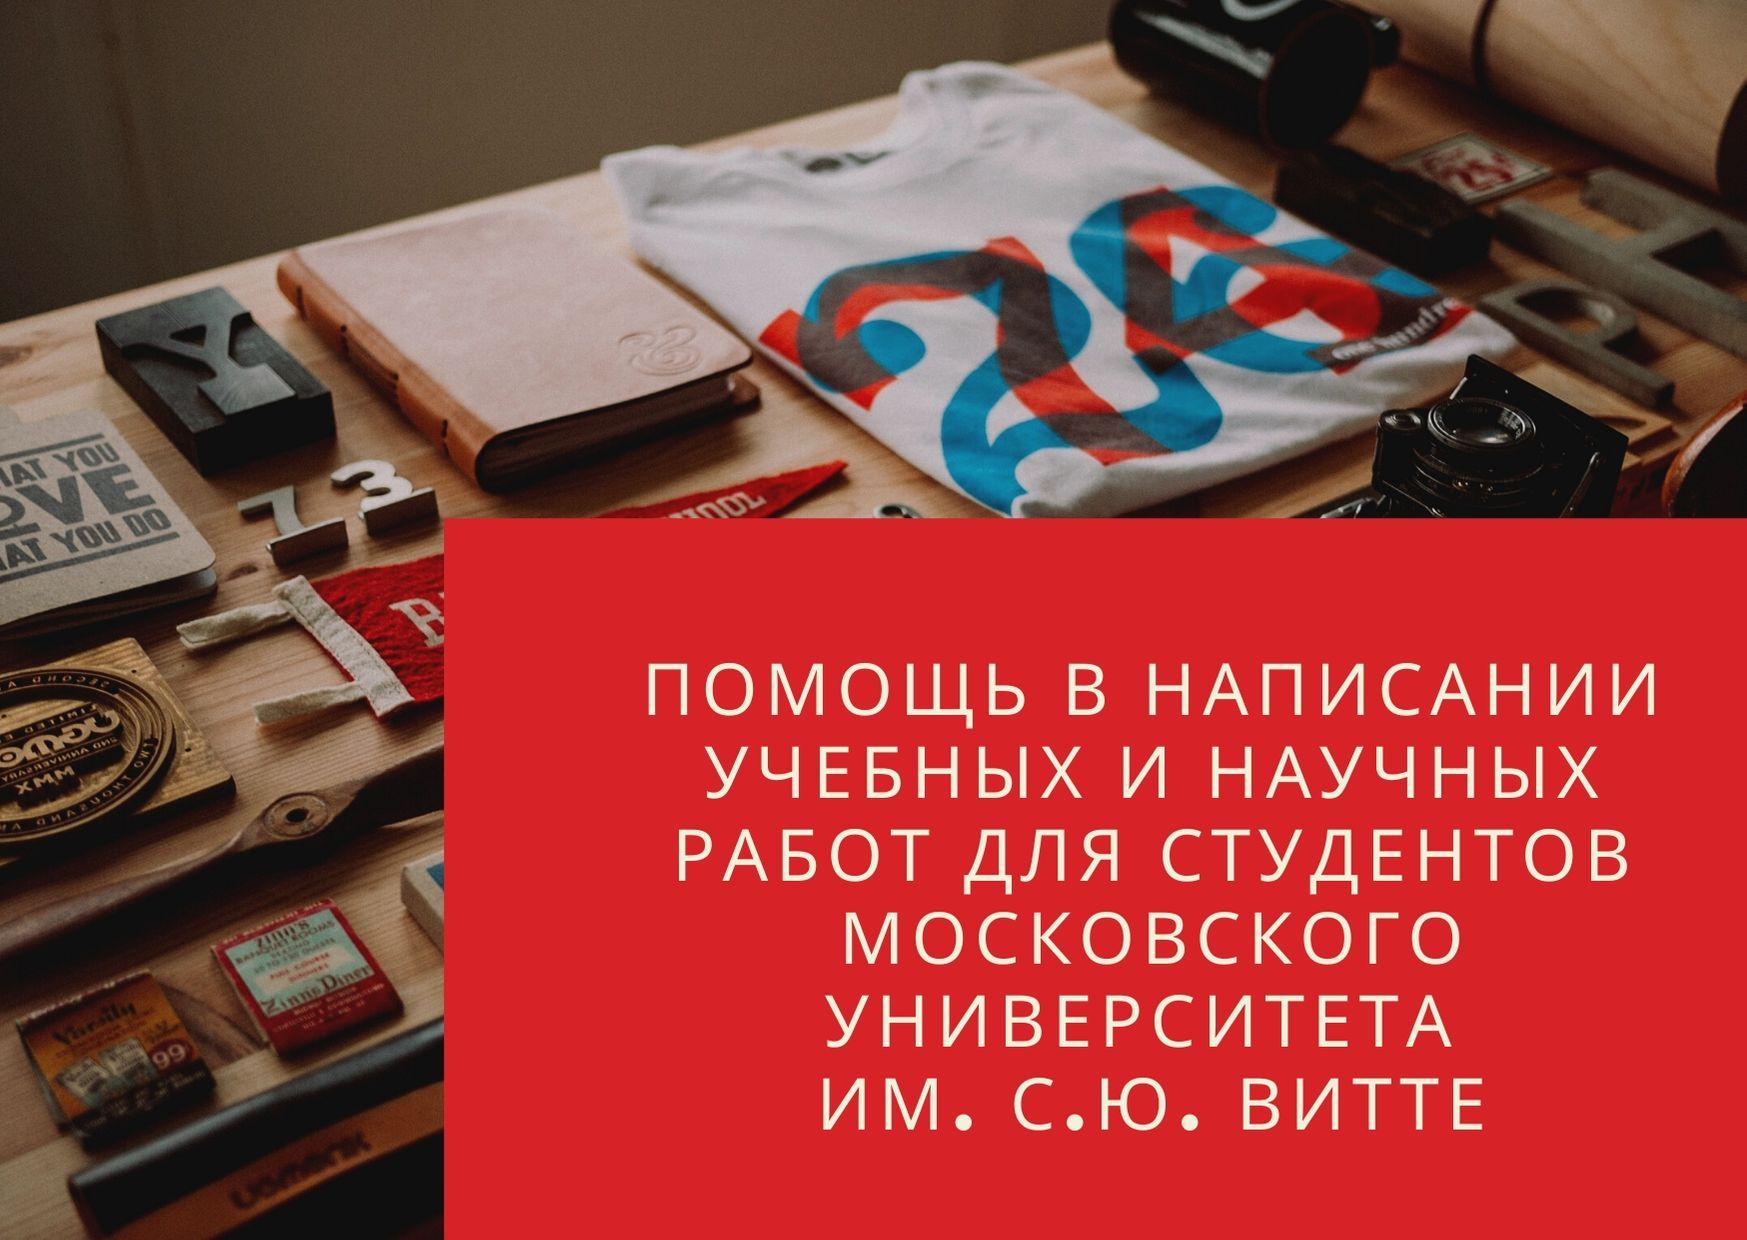 Помощь в написании учебных и научных работ для студентов Московского университета им. С.Ю. Витте